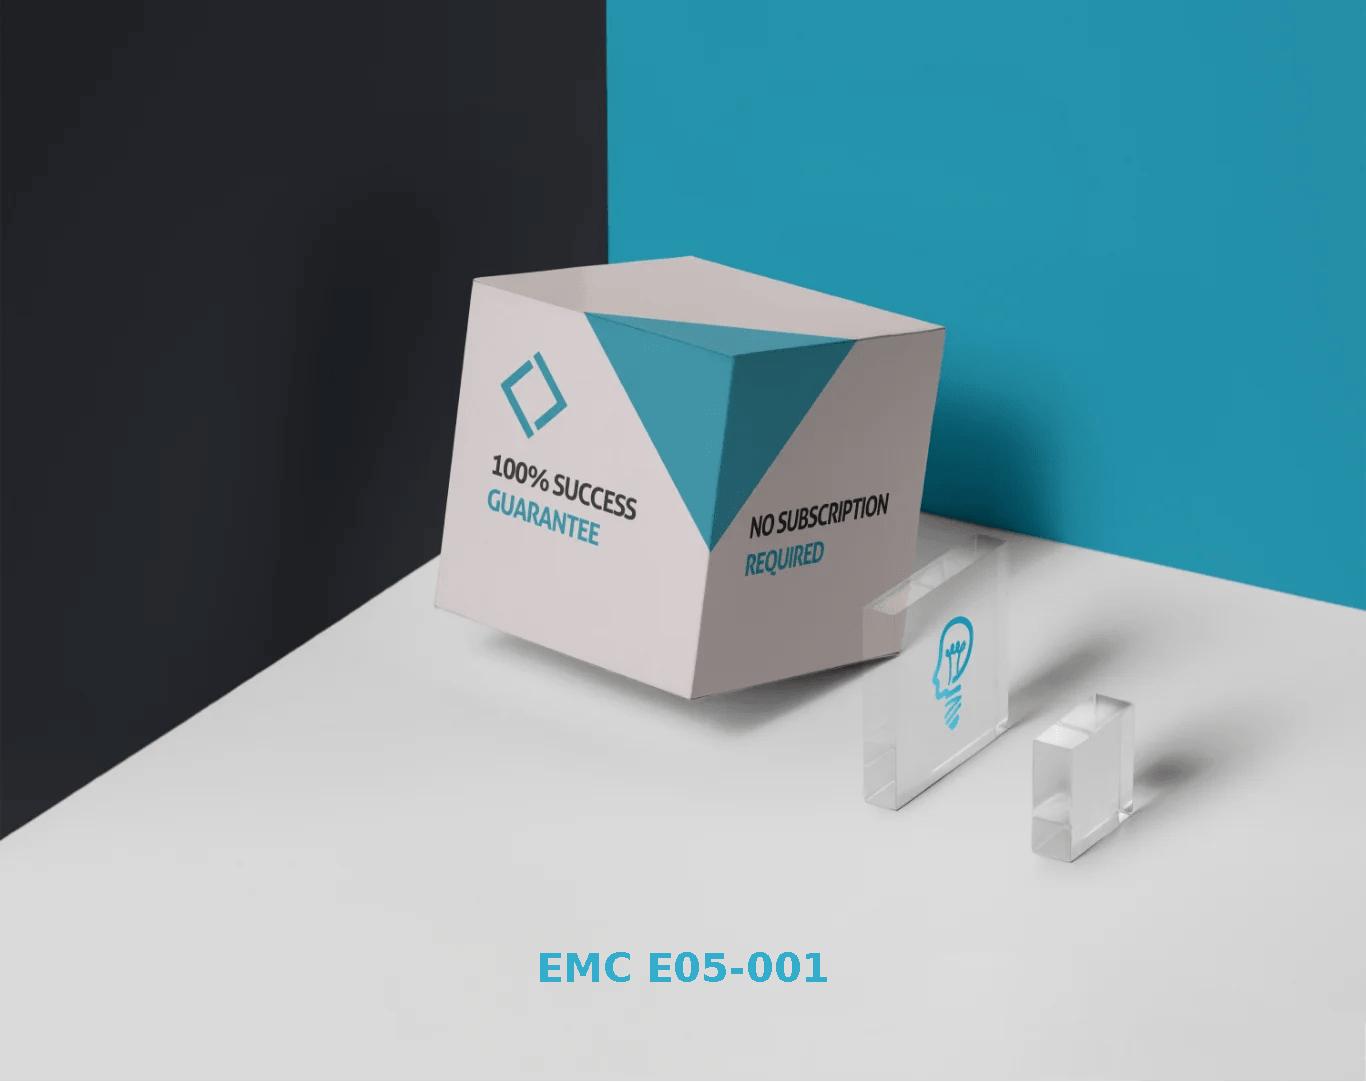 E05-001 Dumps